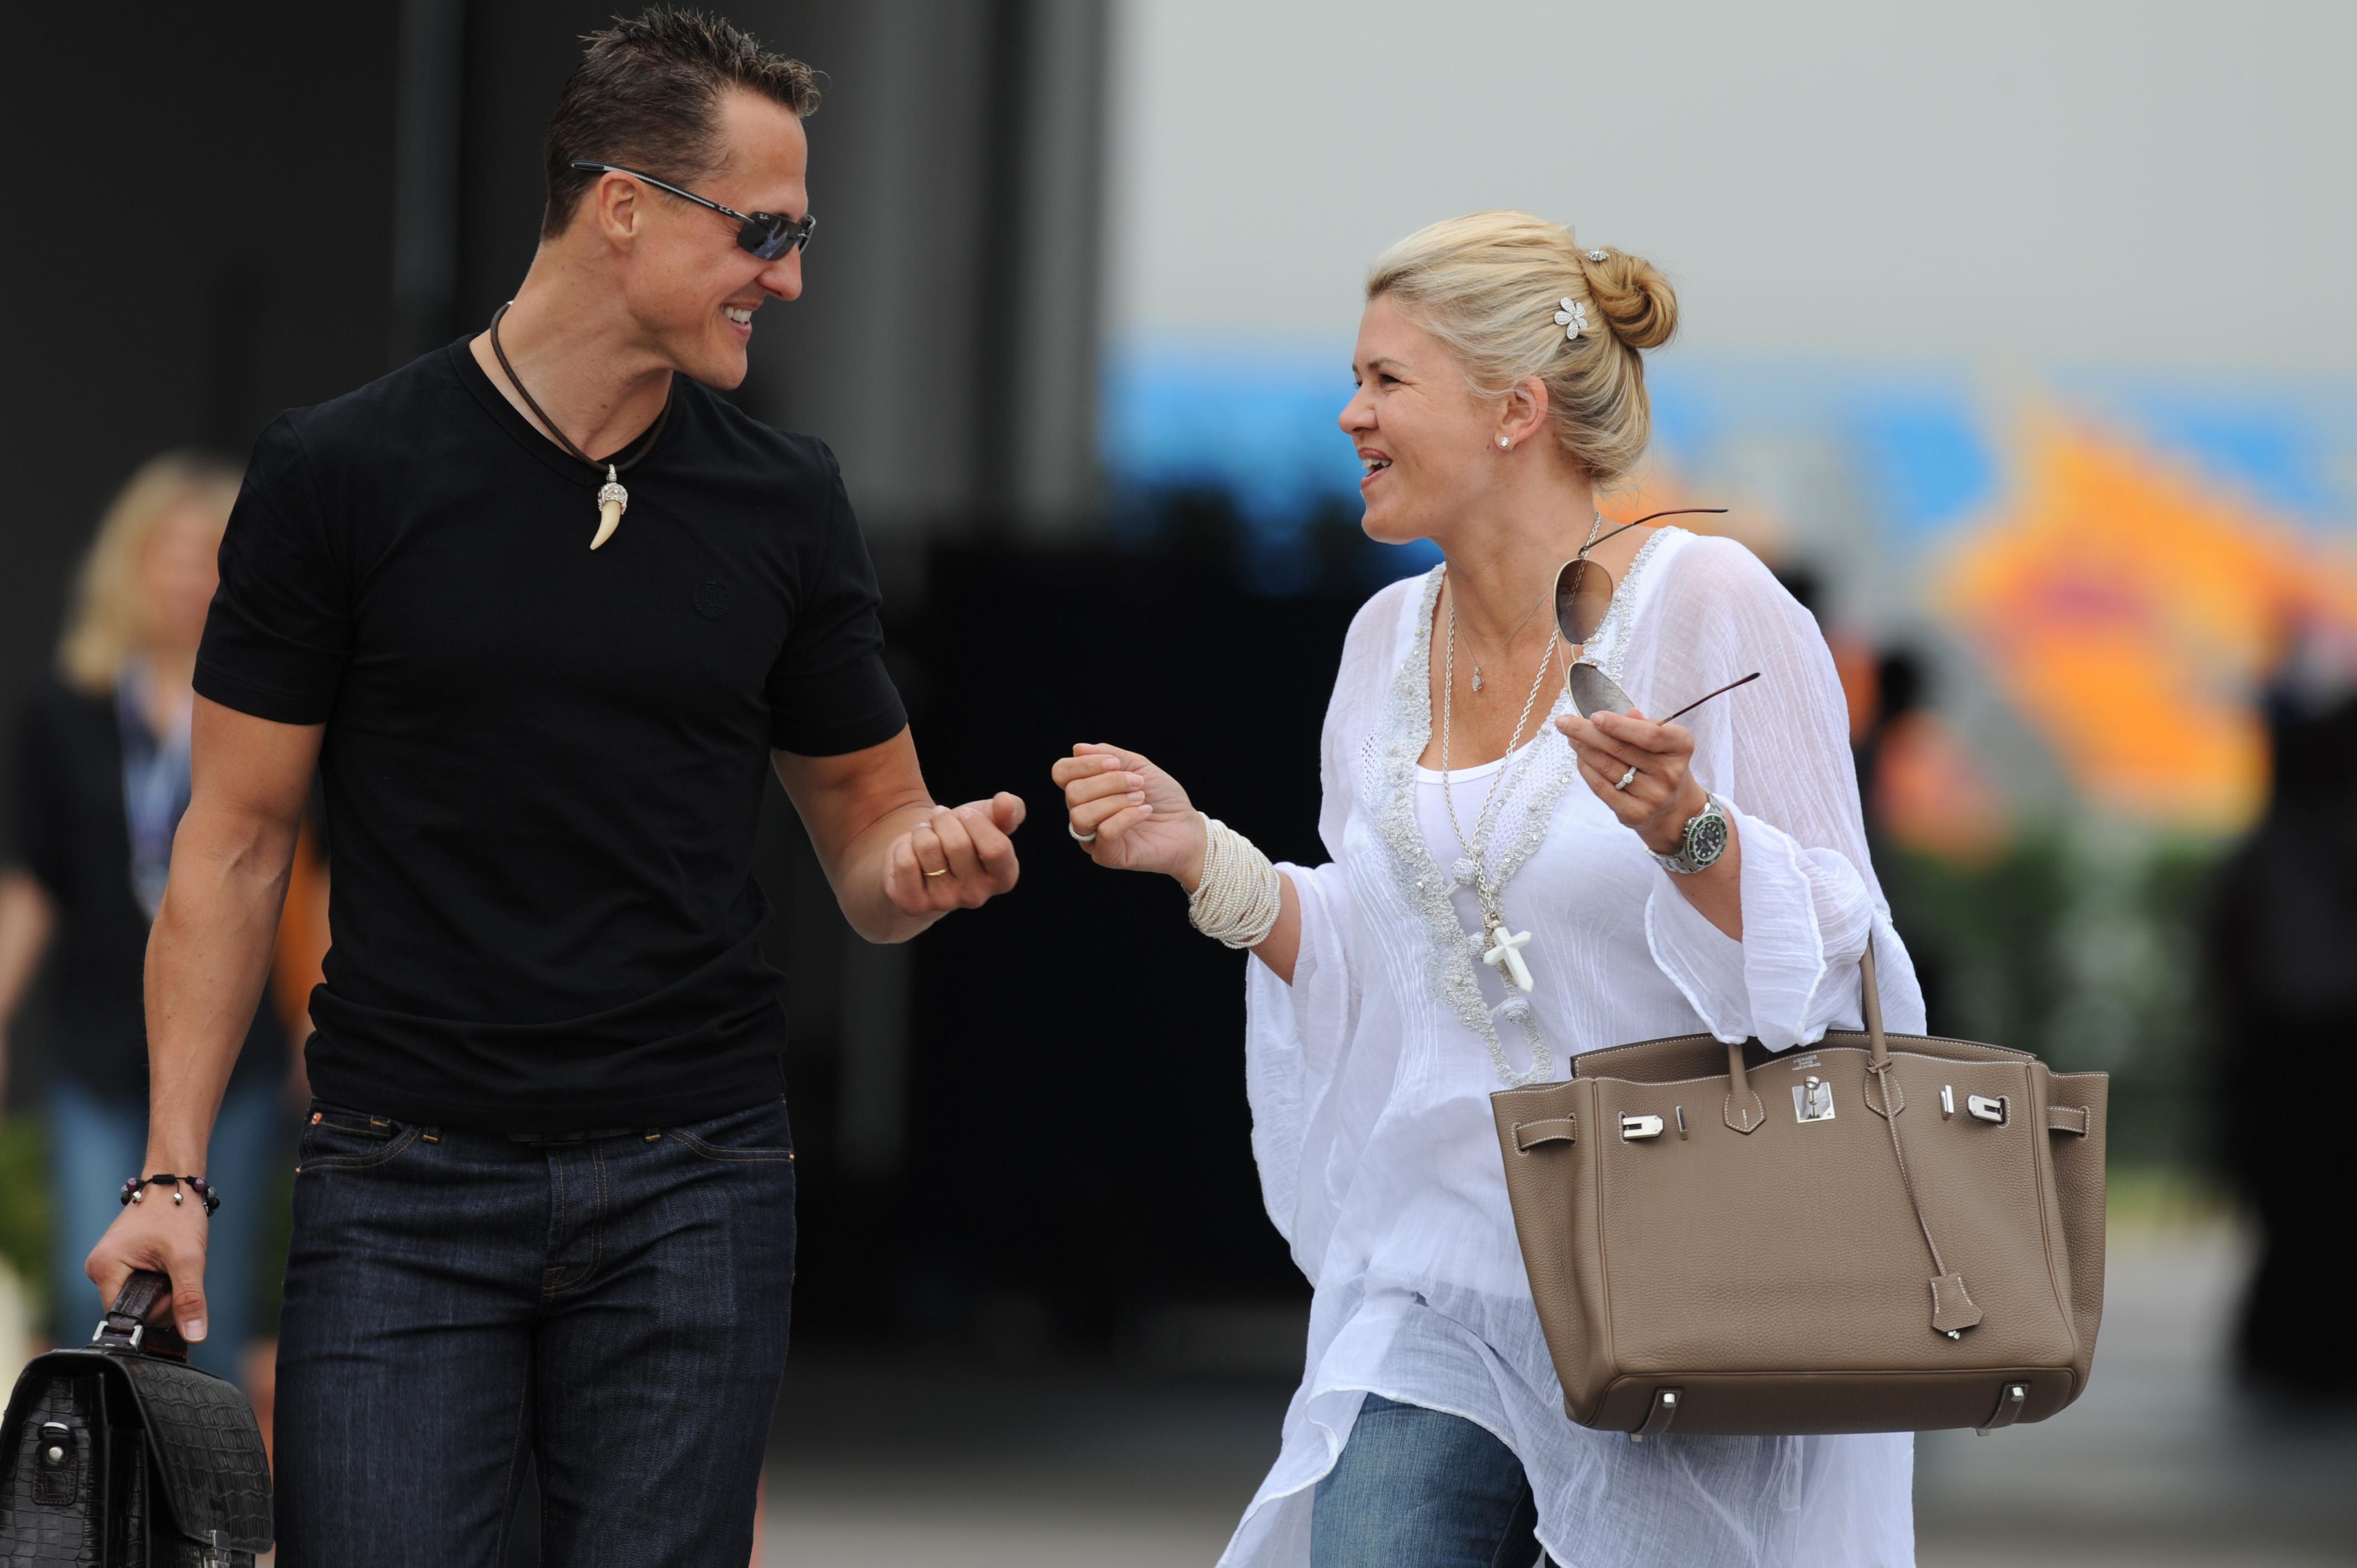 Arhivska fotografija iz 2010. godine: Michael Schumacher sa suprugom Corinnom